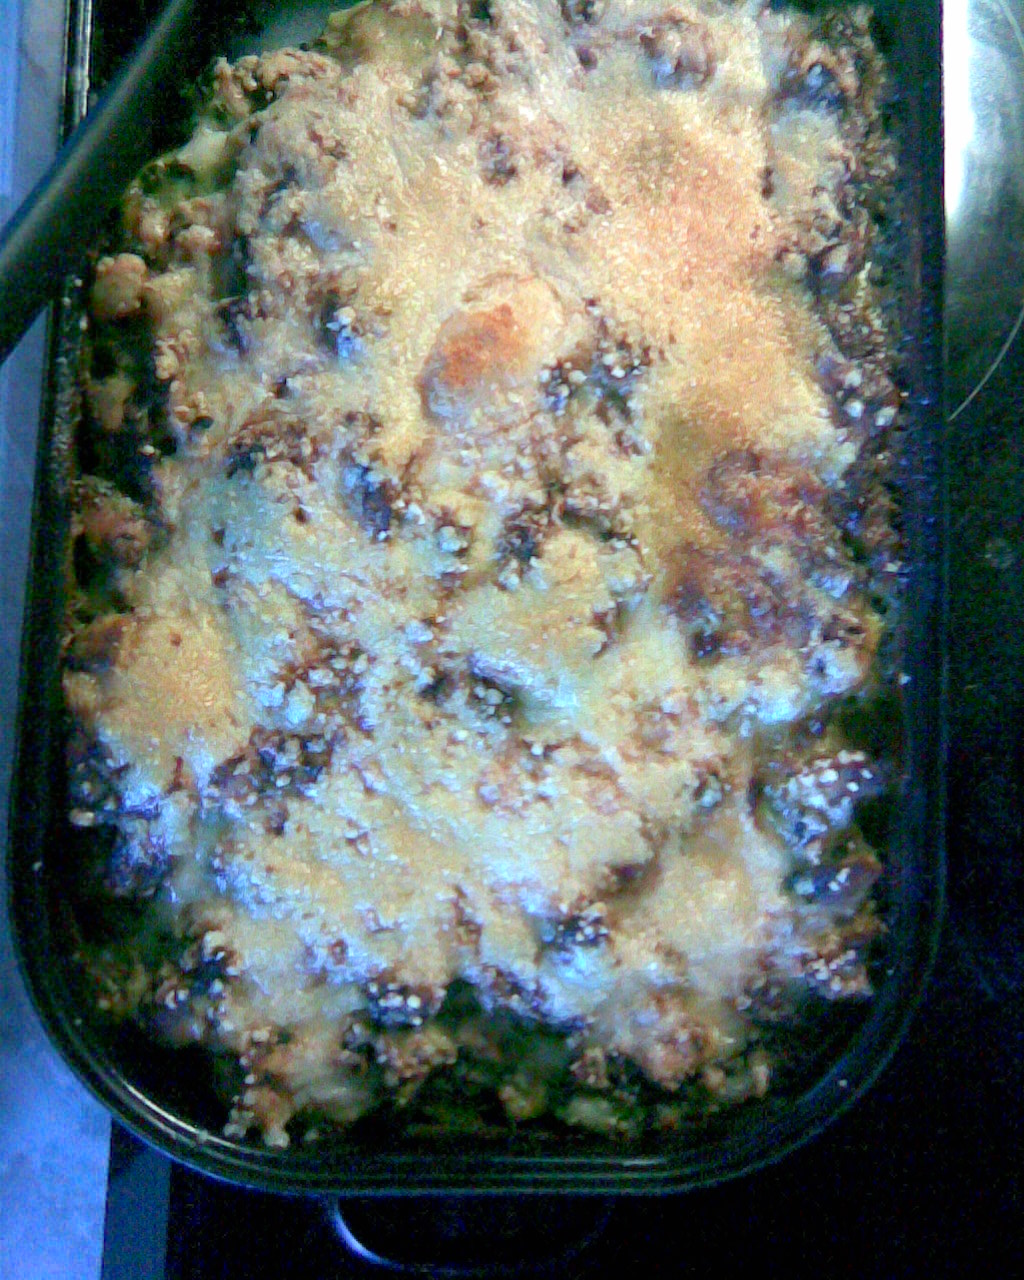 Recept Zapečené těstoviny s kuřecím masem a špenátem - Zapečené těstoviny s kuřecím masem a špenátem.